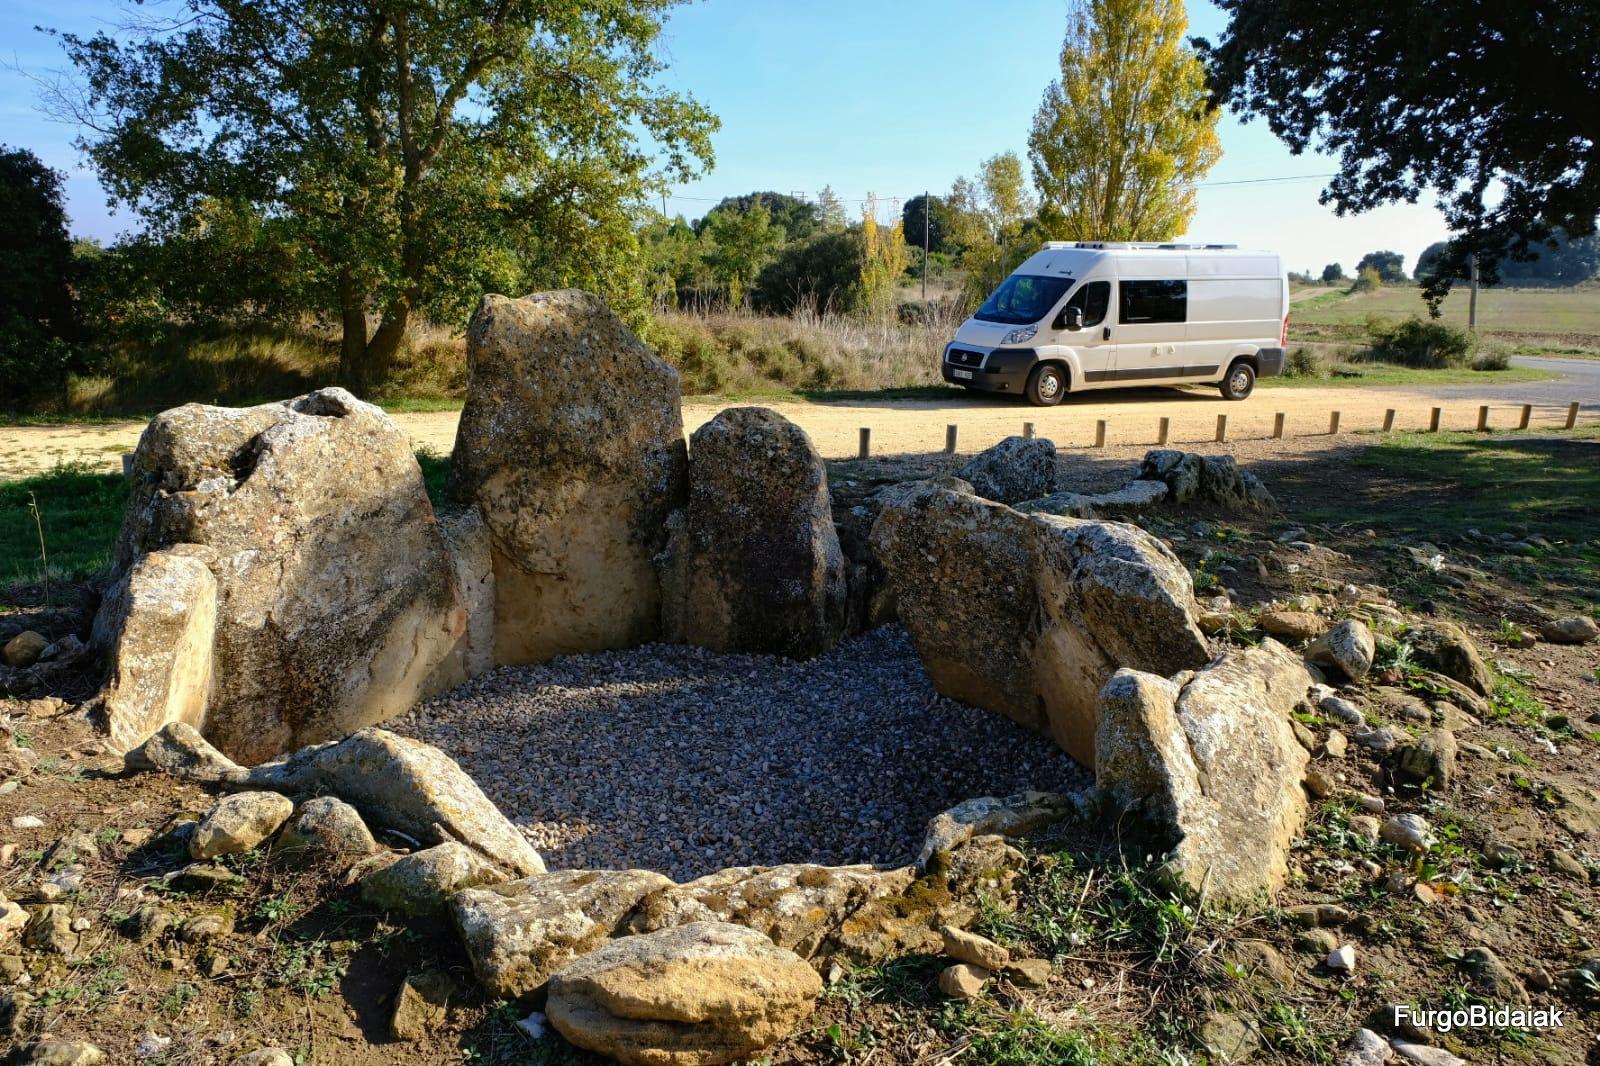 Dolmen el Sotillo, Ruta de los dólmenes, Rioja Alavesa, Araba